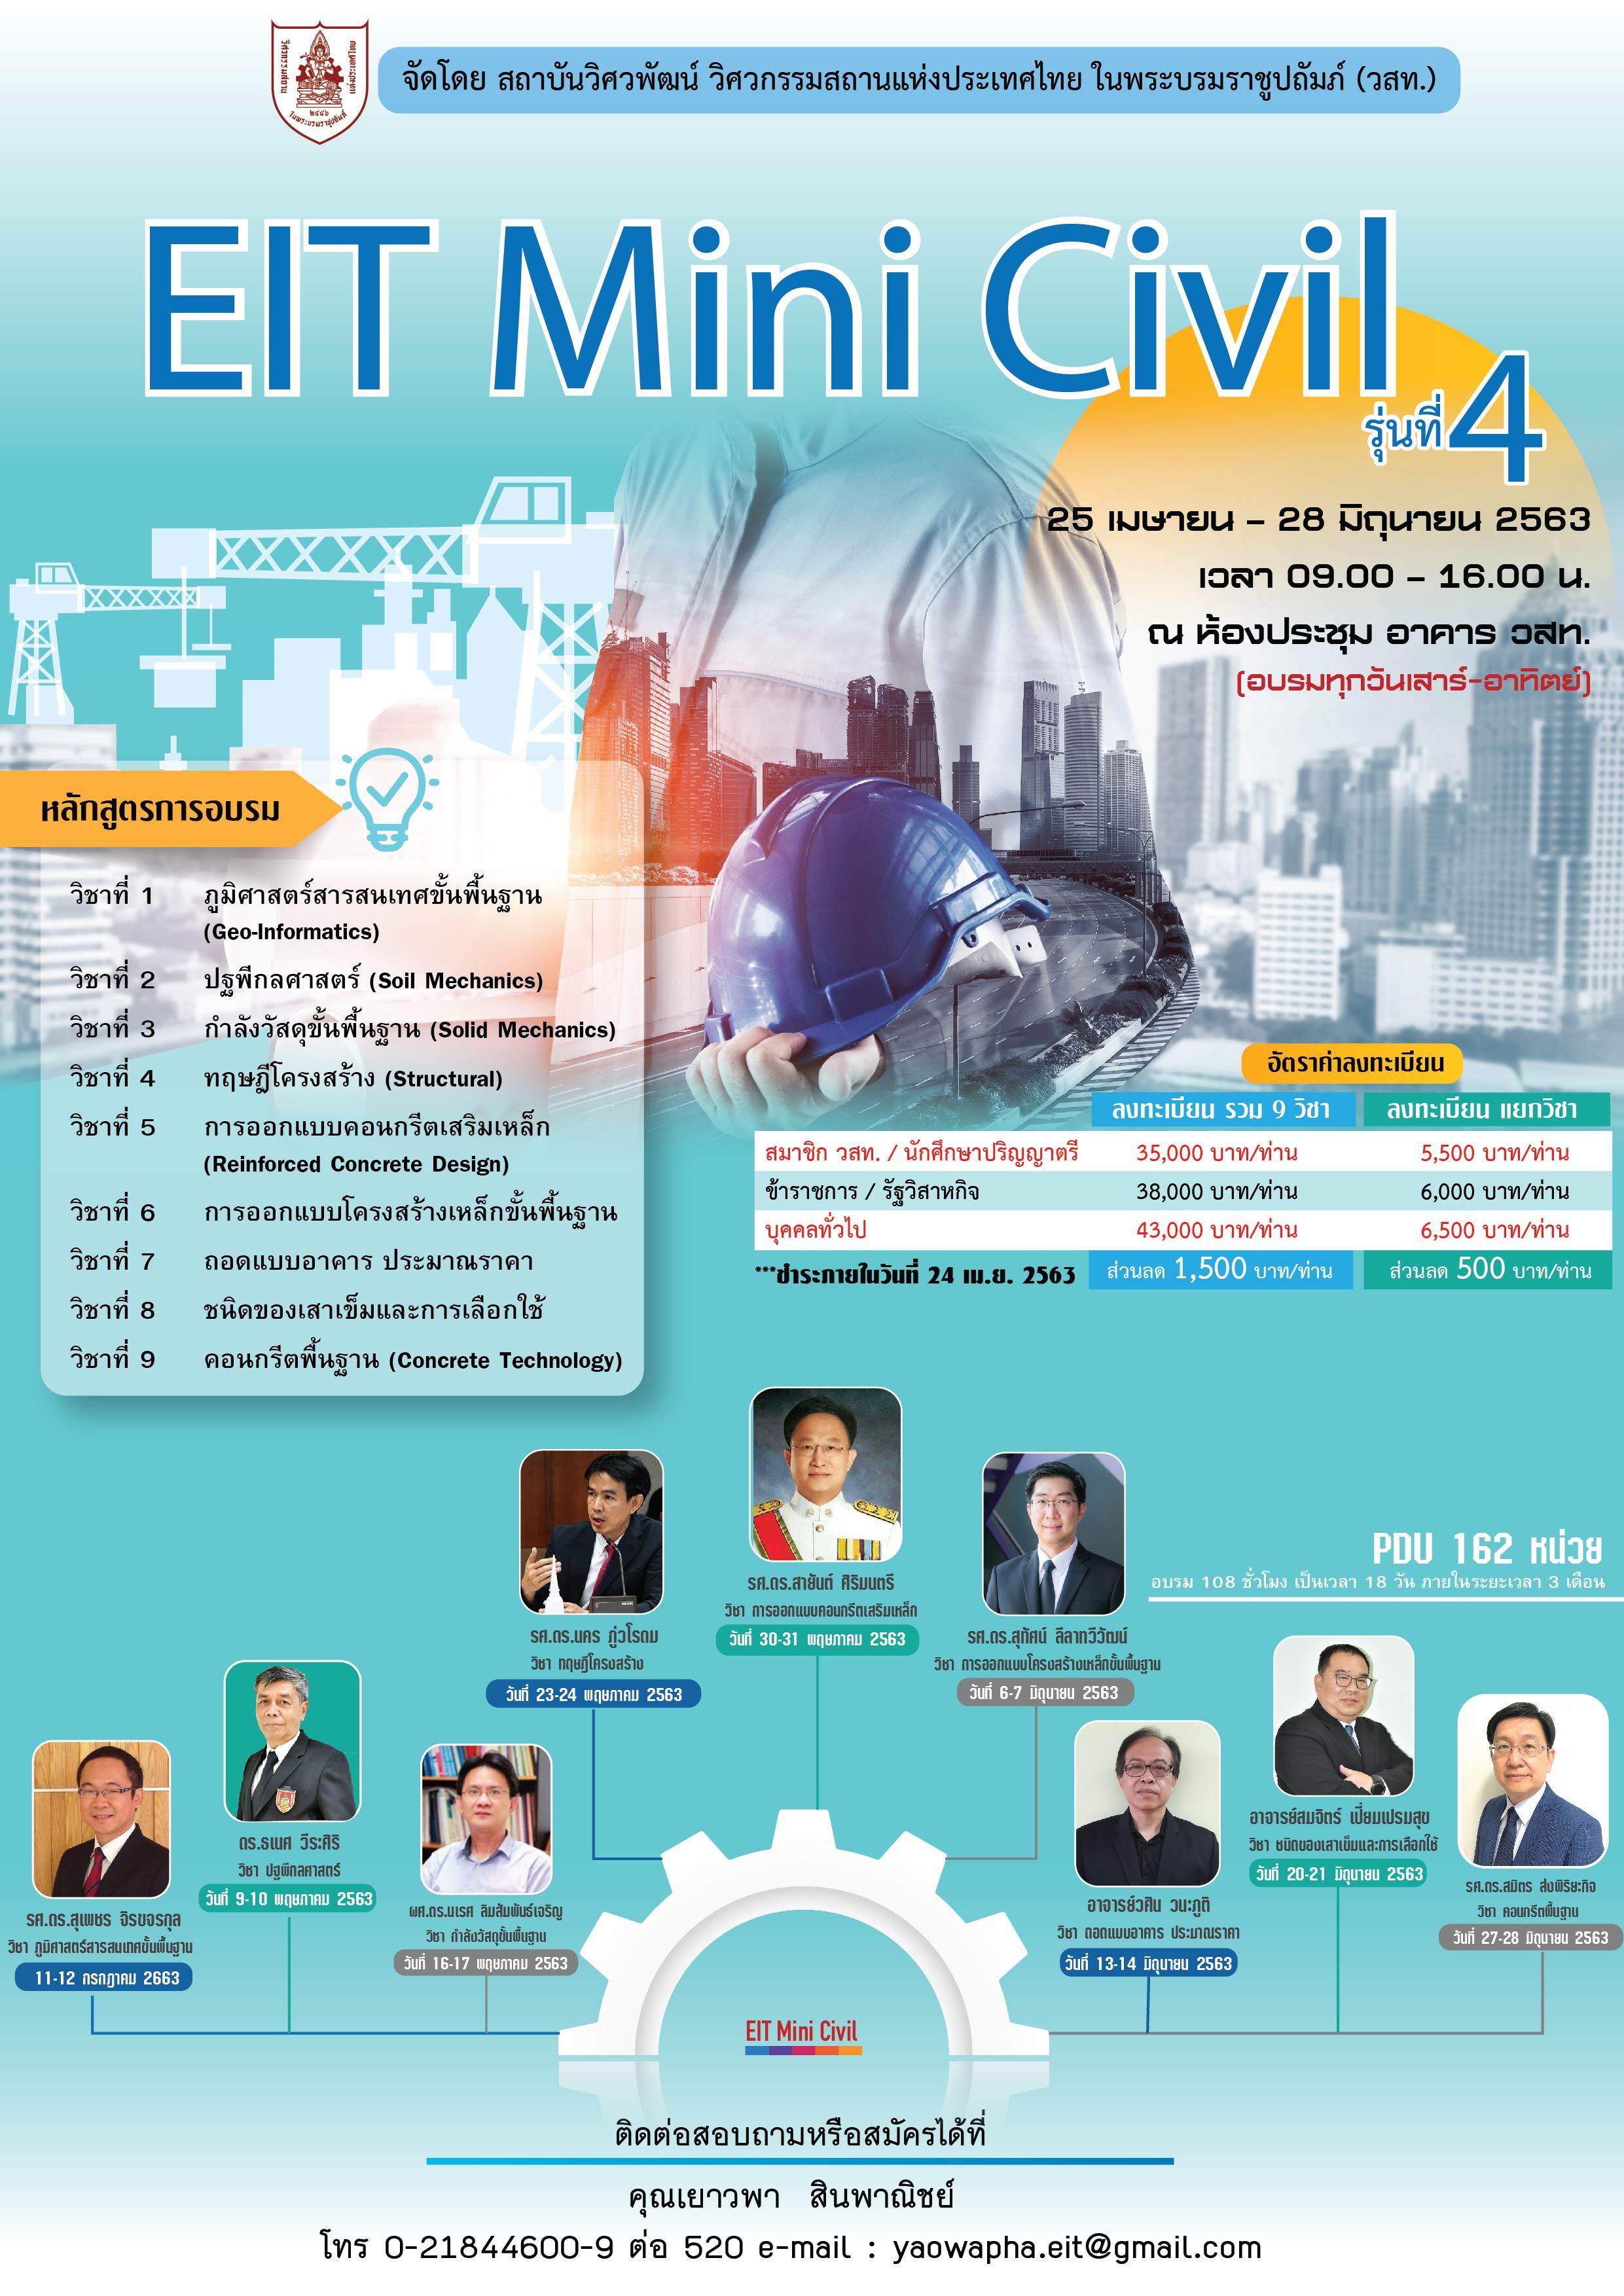 9-10/05/63 การอบรมหลักสูตร EIT Mini Civil รุ่นที่ 4 วิชาที่ 2  ปฐพีกลศาสตร์ (Soil Mechanics)